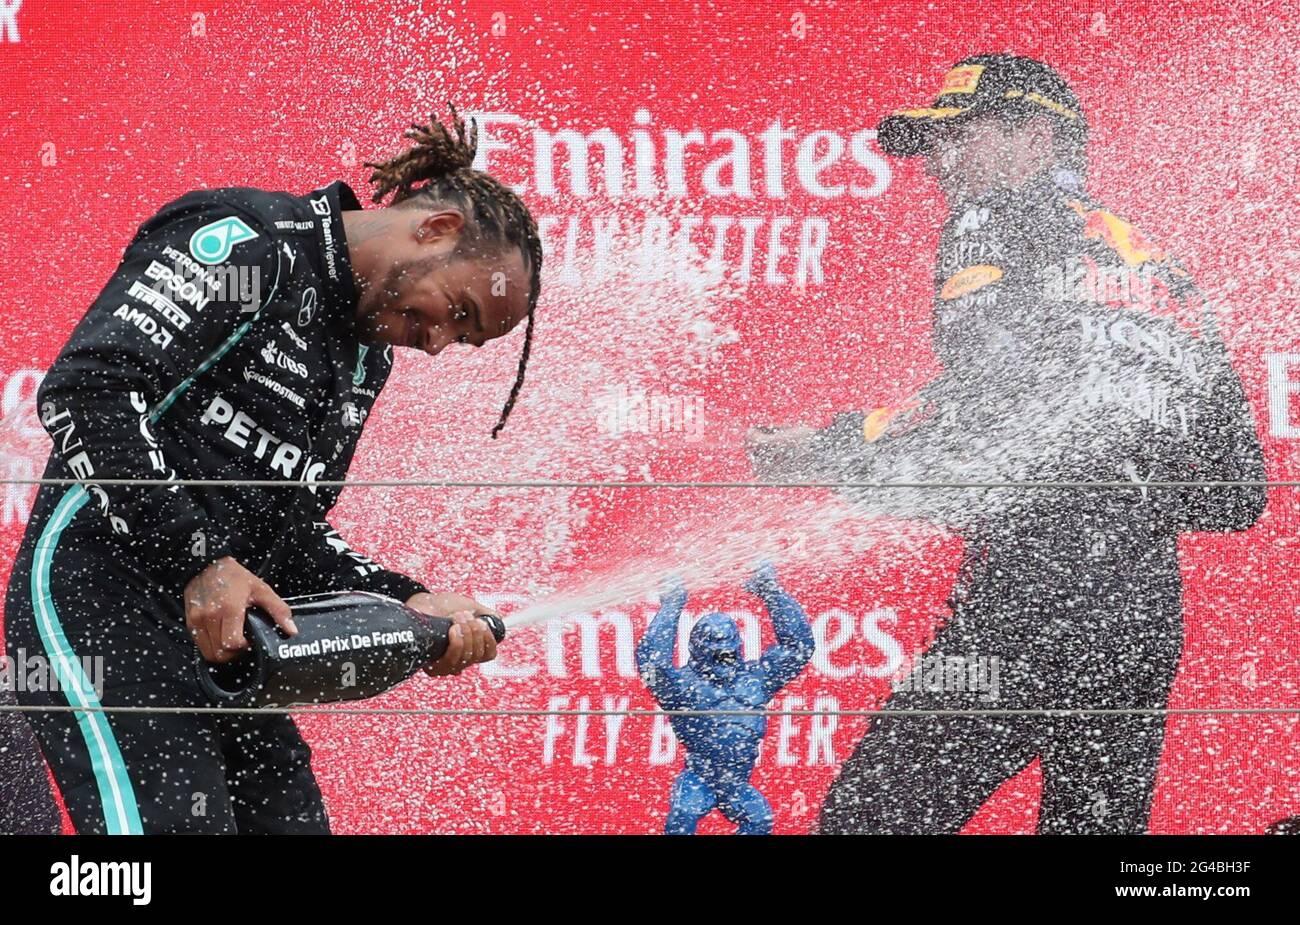 Formula uno F1 - Gran Premio di Francia - circuito Paul Ricard, le Castellet, Francia - 20 giugno 2021 Mercedes' Lewis Hamilton e Max Verstappen della Red Bull festeggiano con lo spumante sul podio dopo aver concluso la gara rispettivamente al secondo e al primo posto REUTERS/Yves Herman Foto Stock